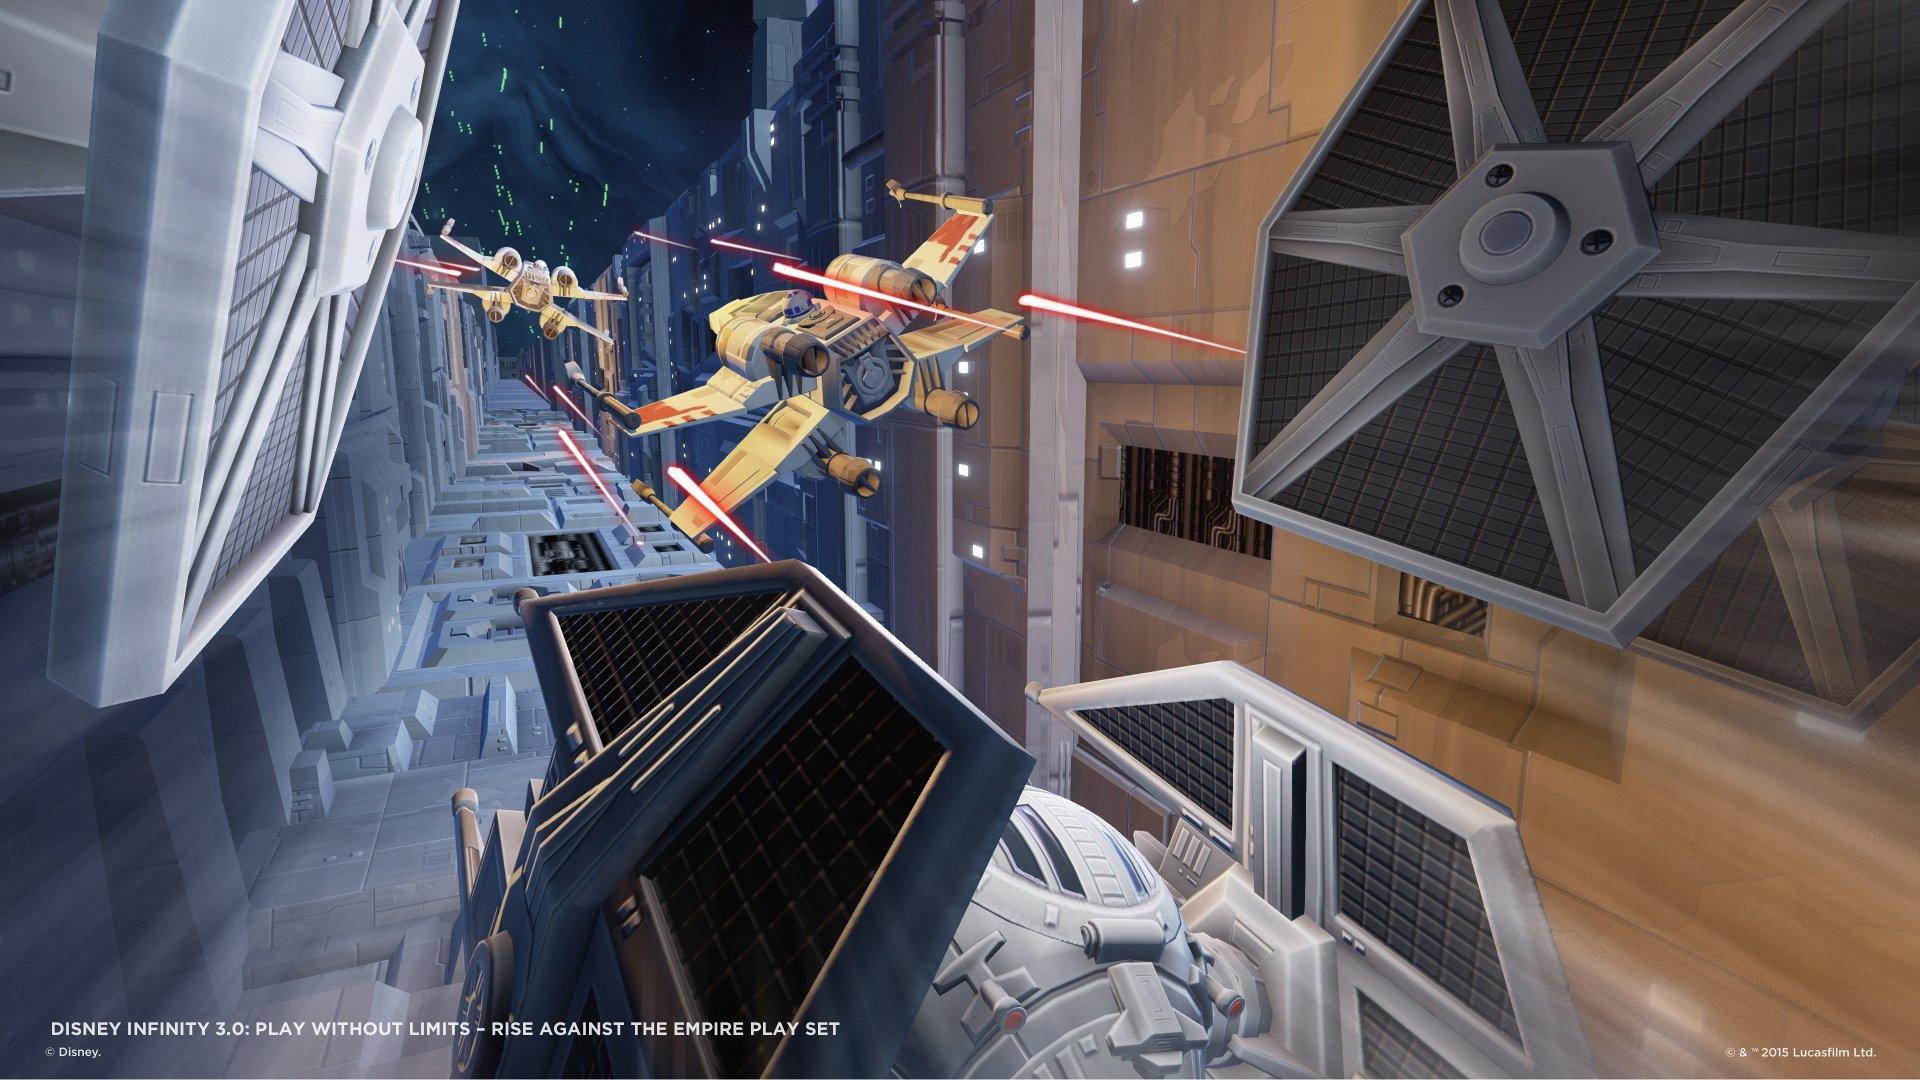 Disney Infinity Trench Run